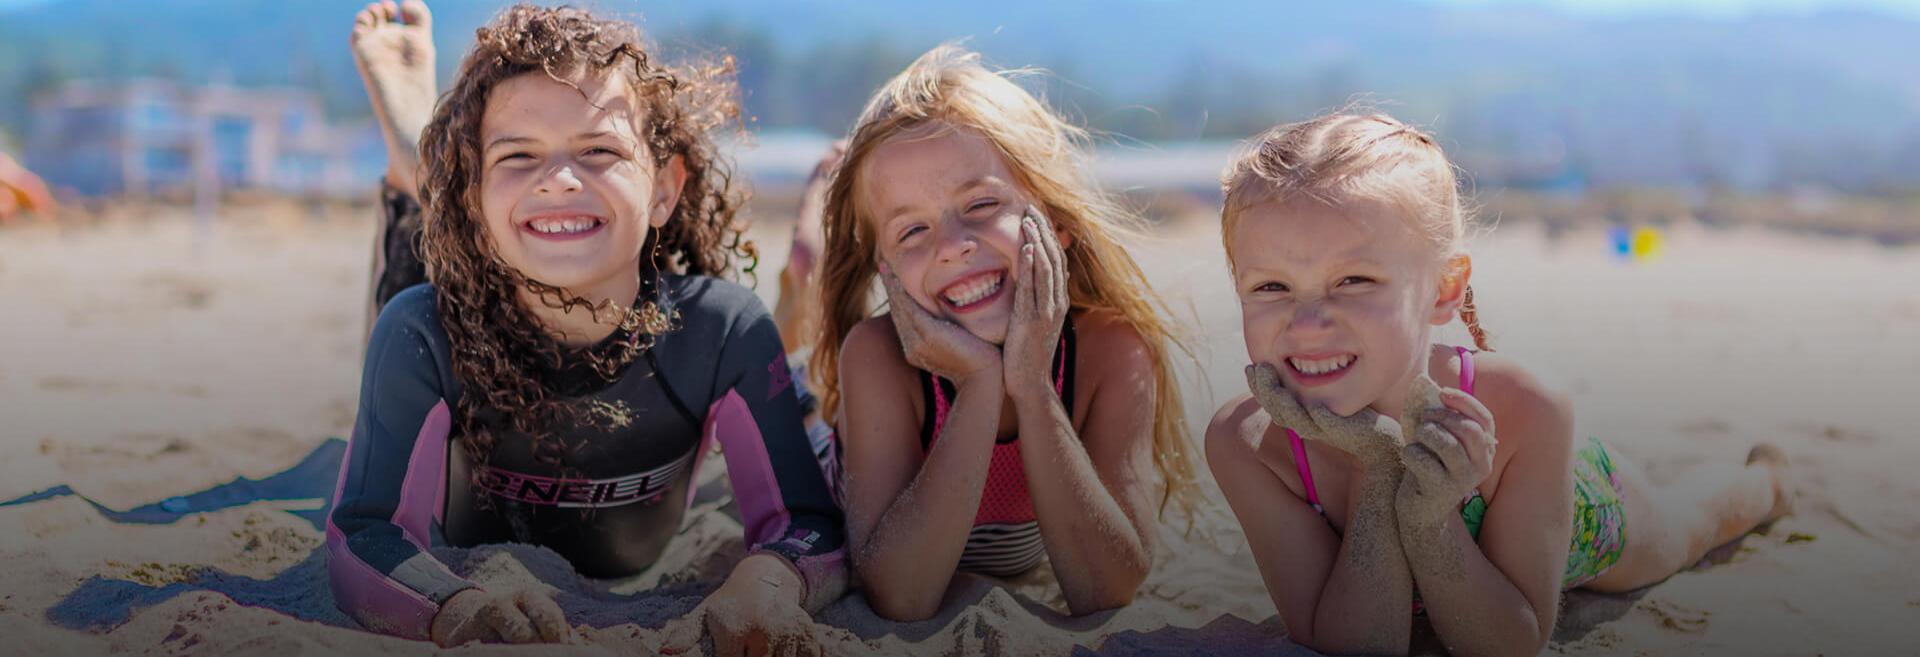 Smile Surfers Kids Dentistry in Sumner, WA banner image